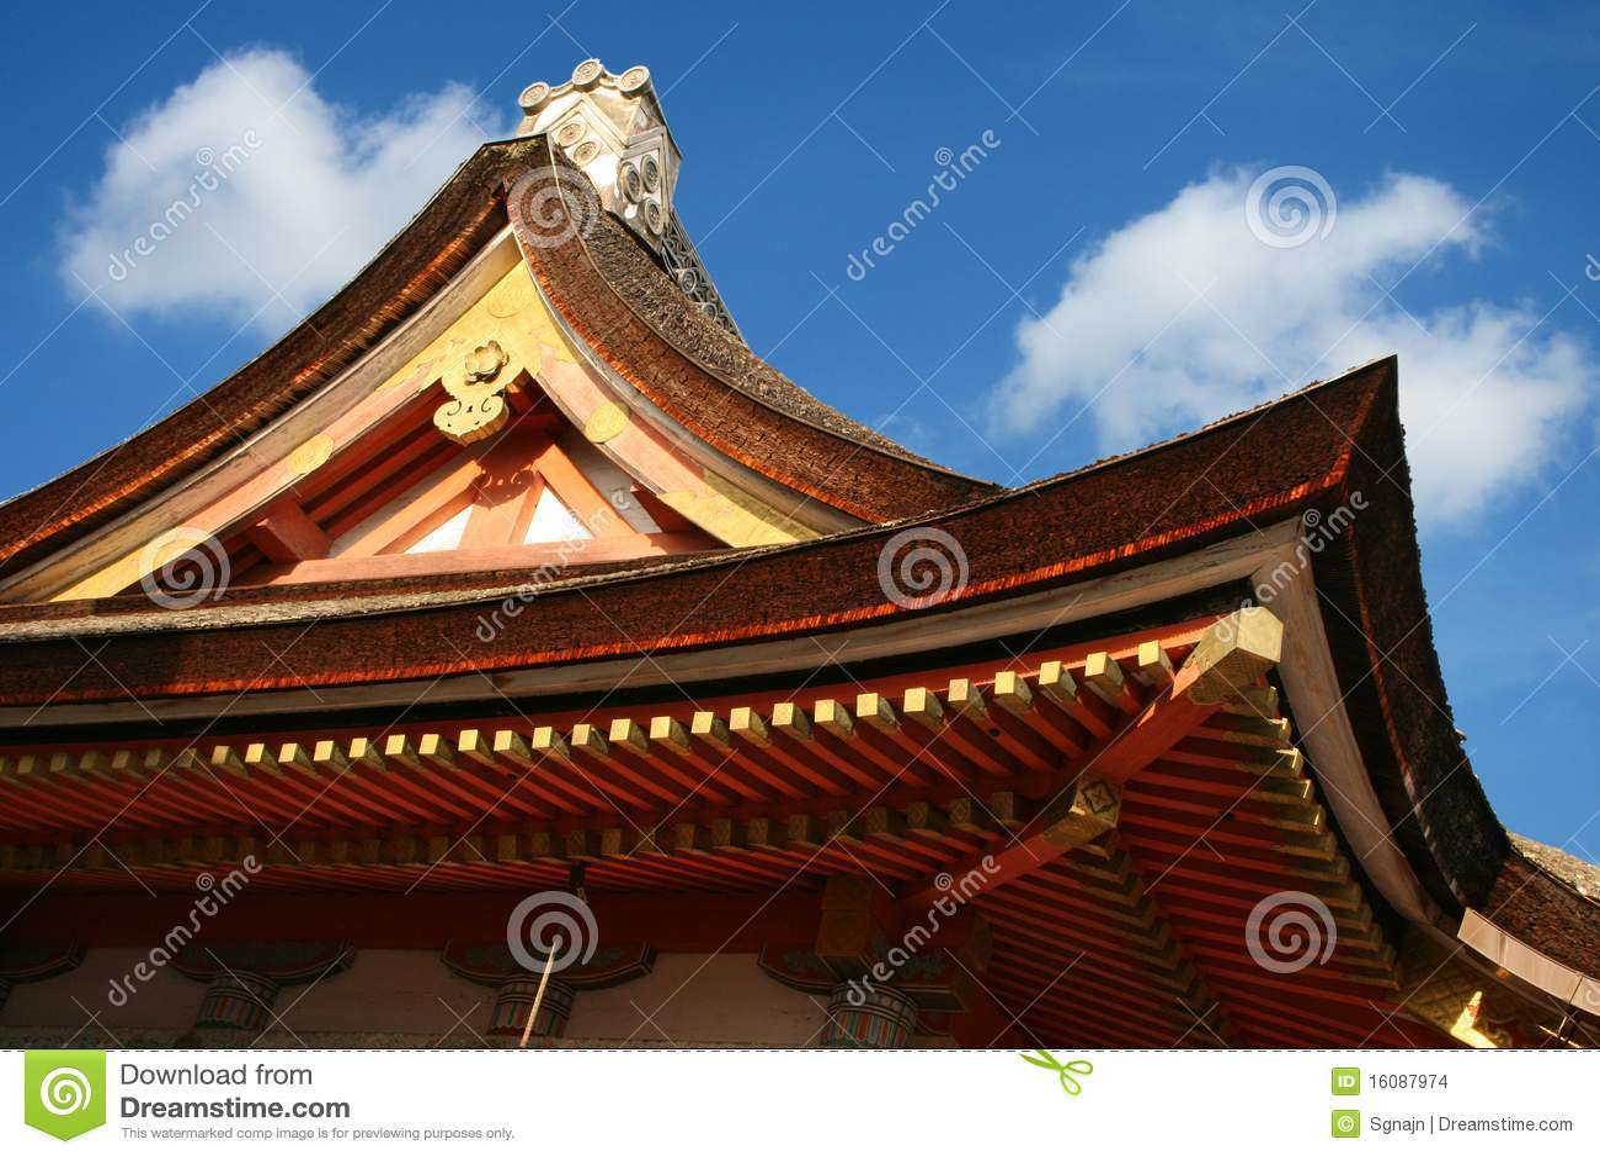 traditionelles japanisches dach stockfoto bild rolle